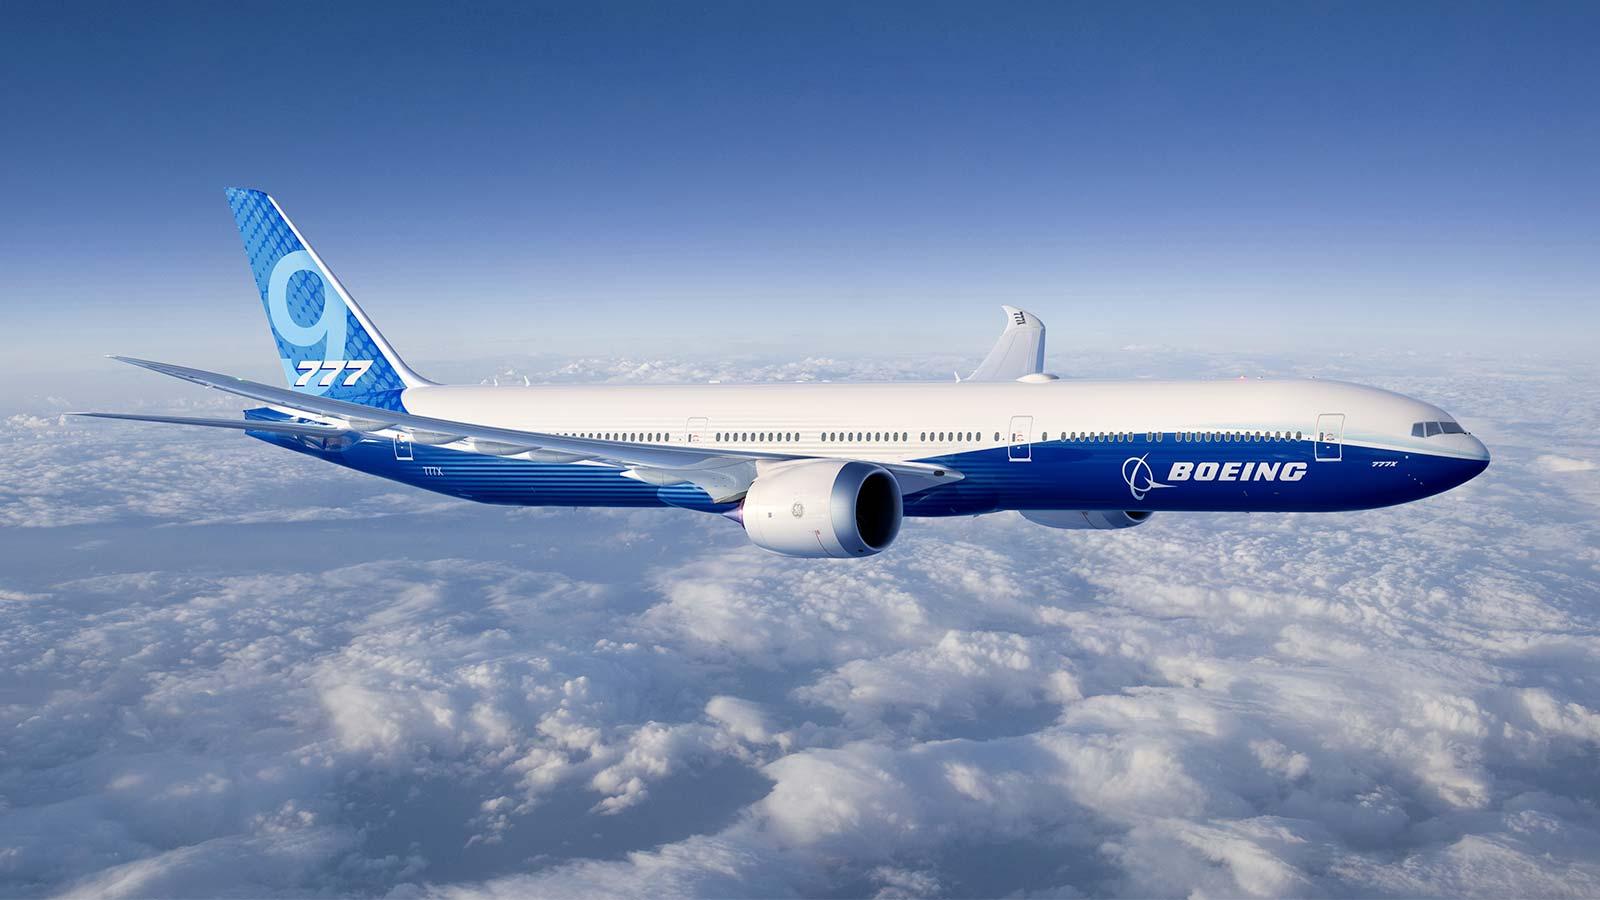 حقایقی درباره پرواز و هواپیما